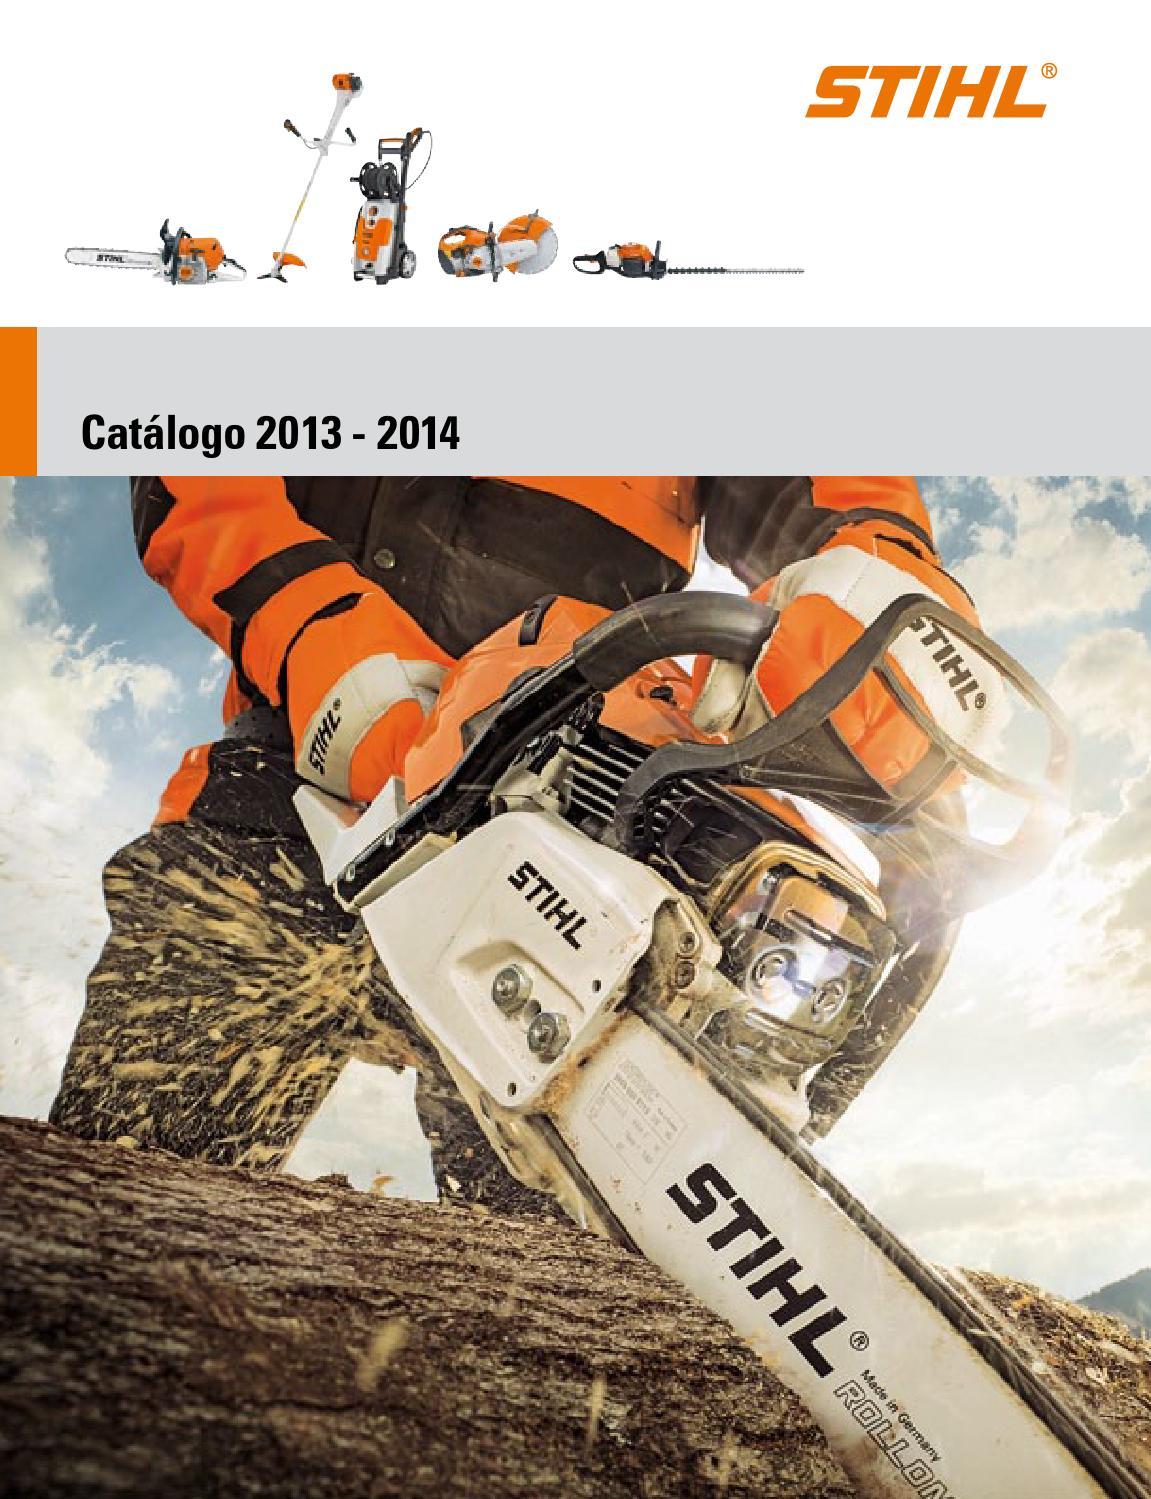 Guías de Desgaste Apto para Stihl 017 018 019 021 023 025 029 Ms 170 210 230 250